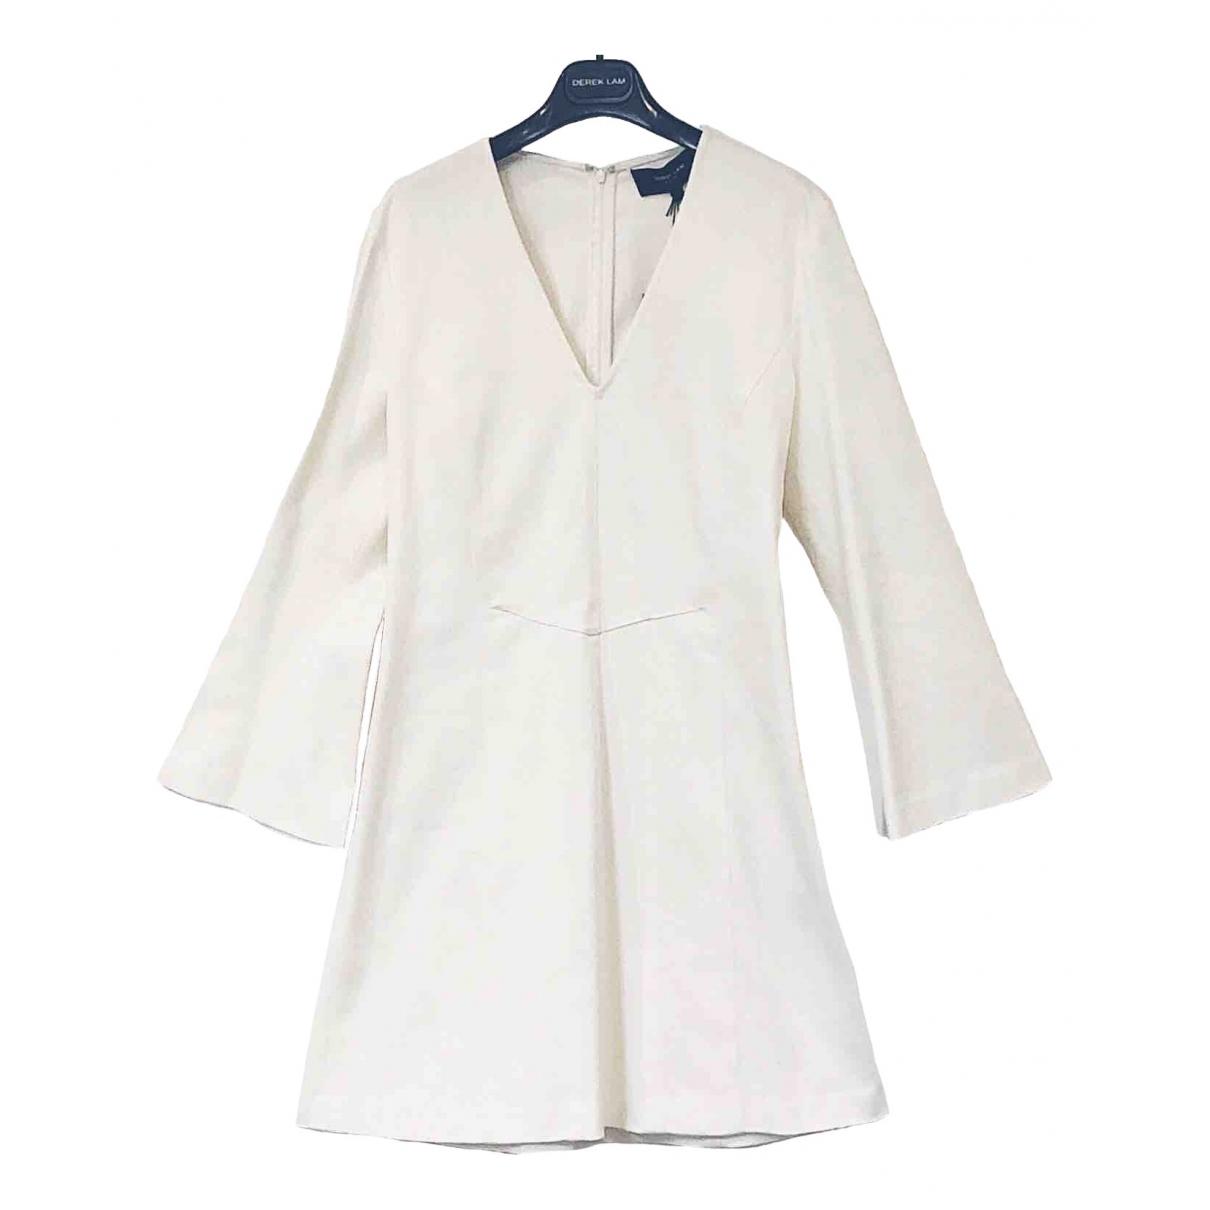 Derek Lam \N White Denim - Jeans dress for Women 46 IT